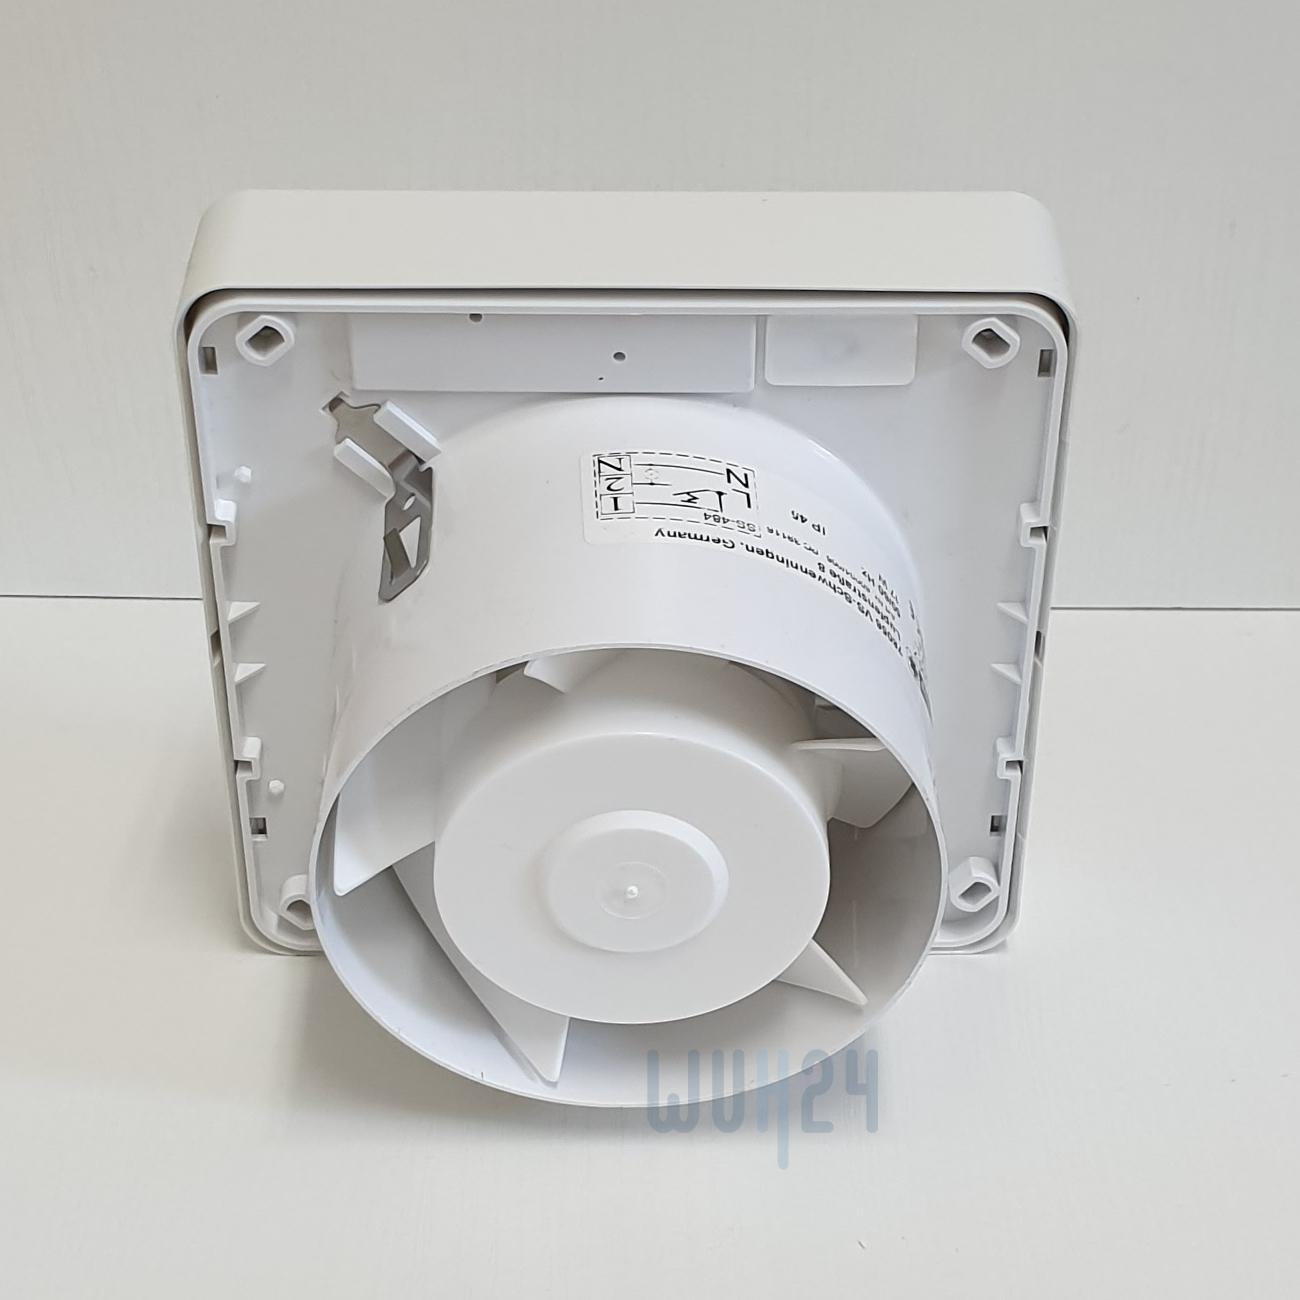 Helios Kleinraum Ventilator Hv 100 E Mit Elektr Innenverschluss Ip45 Nr 60003 Wuh24 Online Shop Fur Bad Kuche Heizung Und Installation